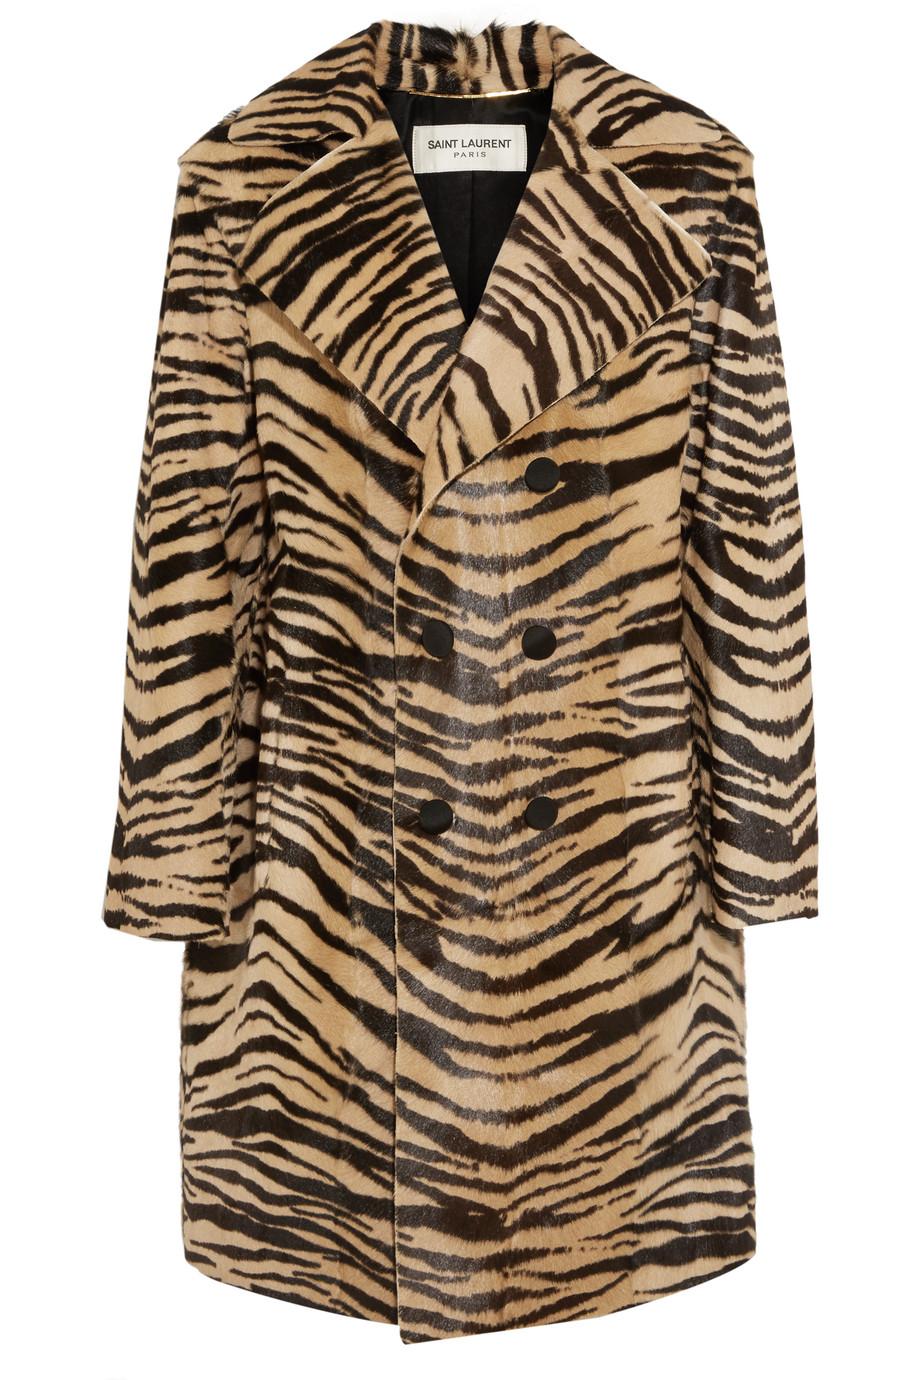 Saint Laurent Tiger-Print Goat Hair Coat, Leopard Print/Brown, Women's, Size: 34